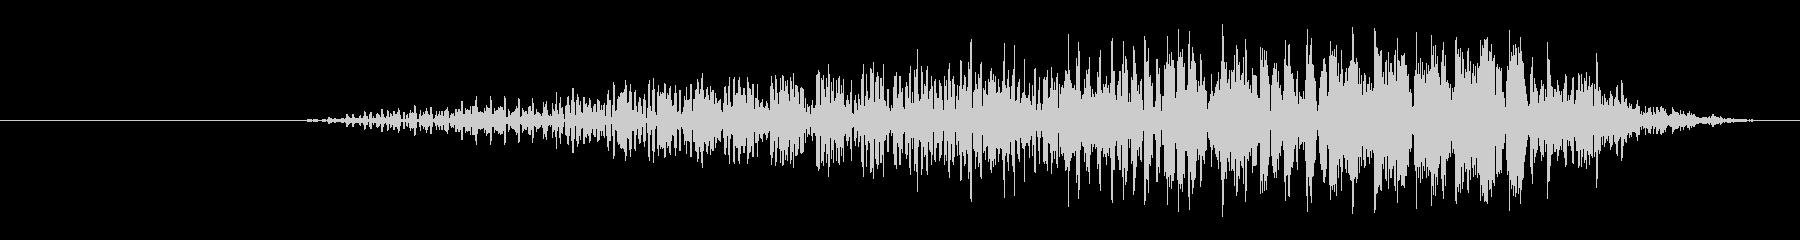 大クリーチャー:短いRo音のうなり声の未再生の波形